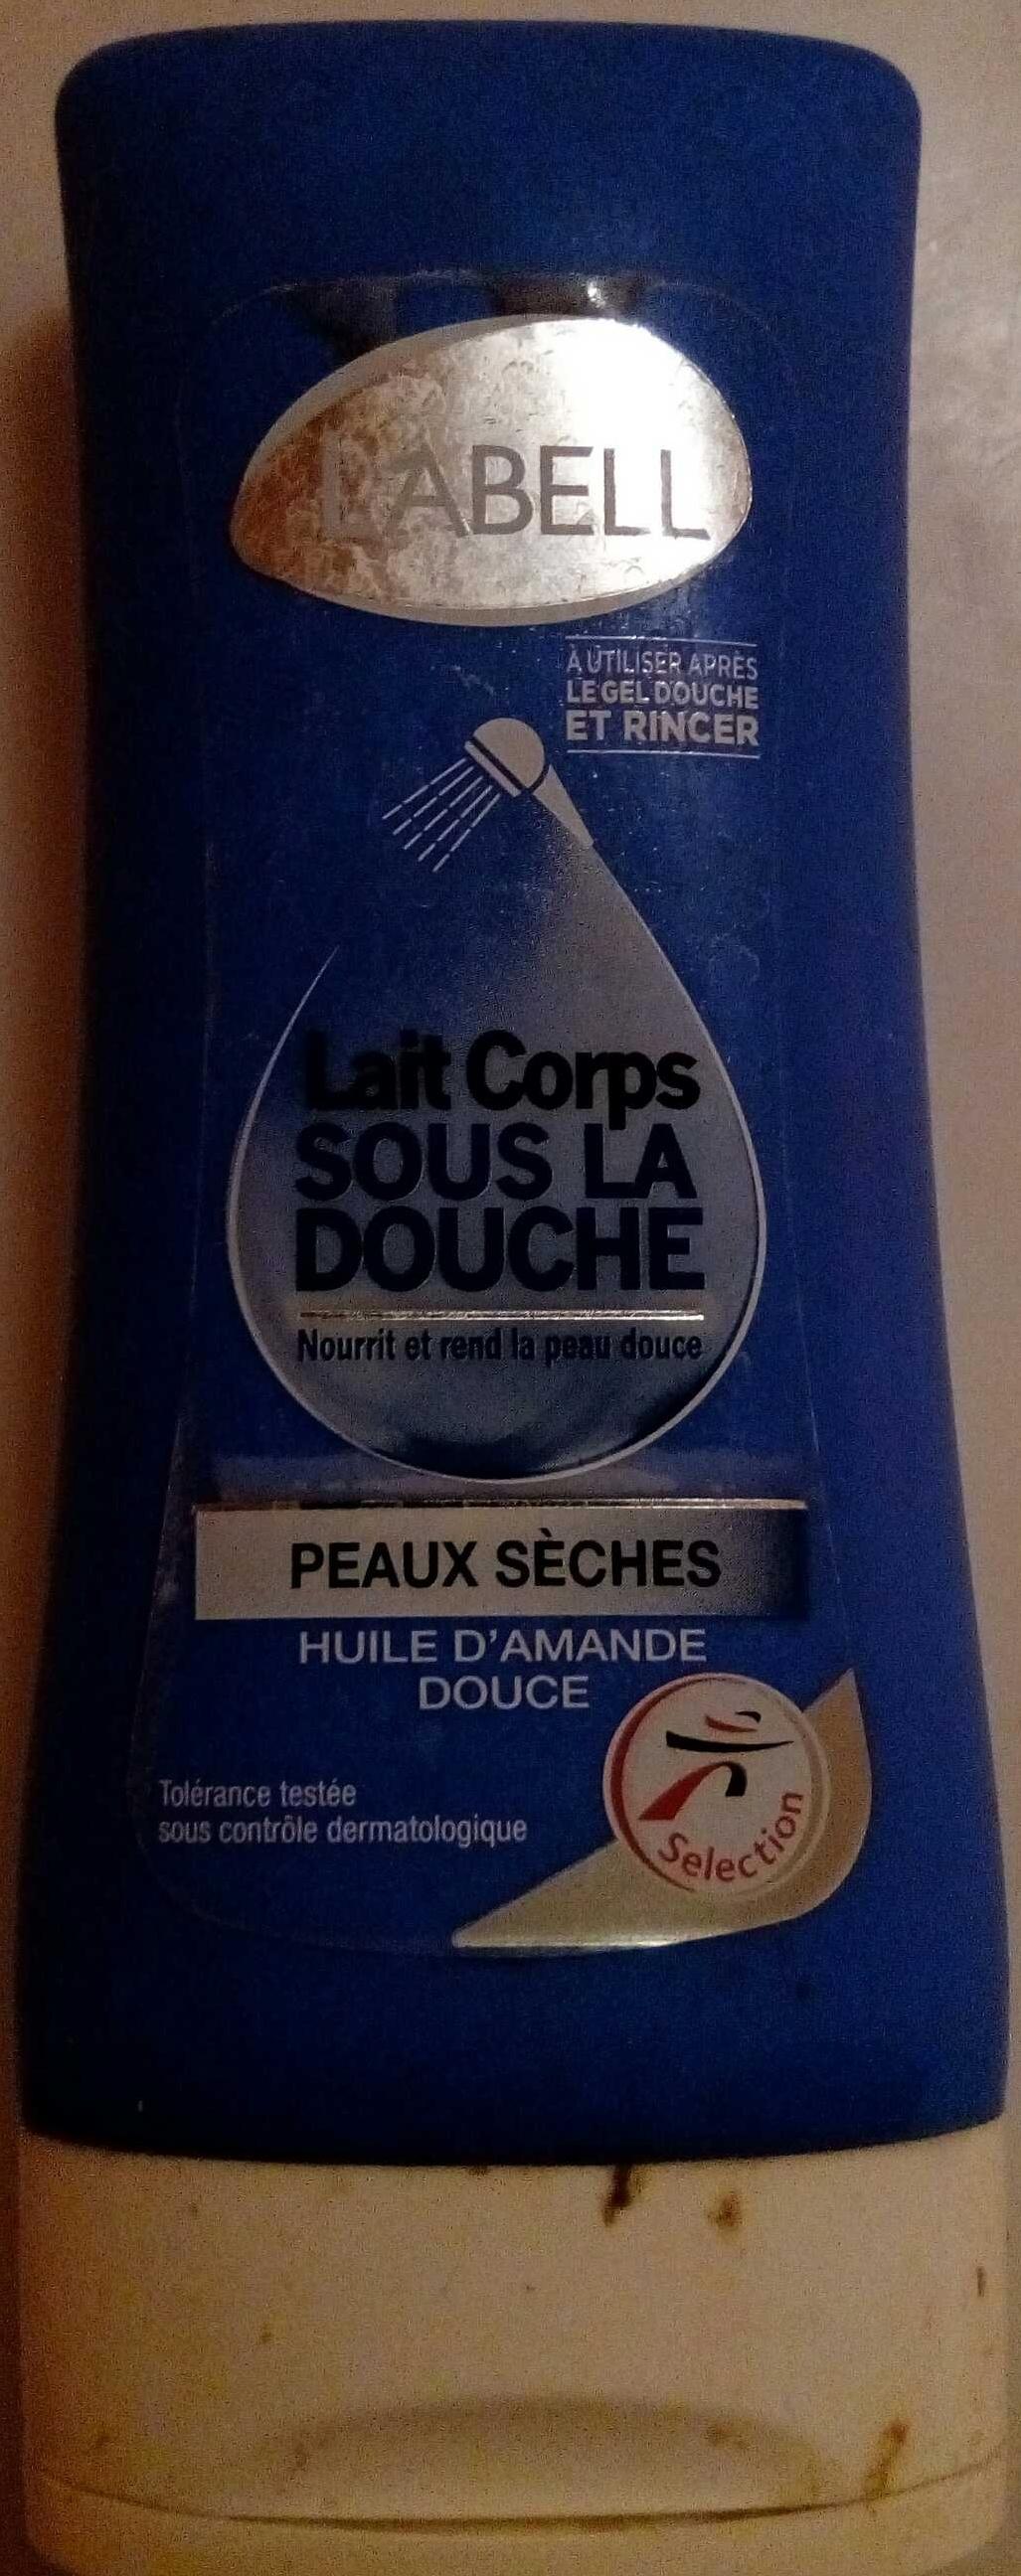 Lait corps sous la douche - Produit - fr